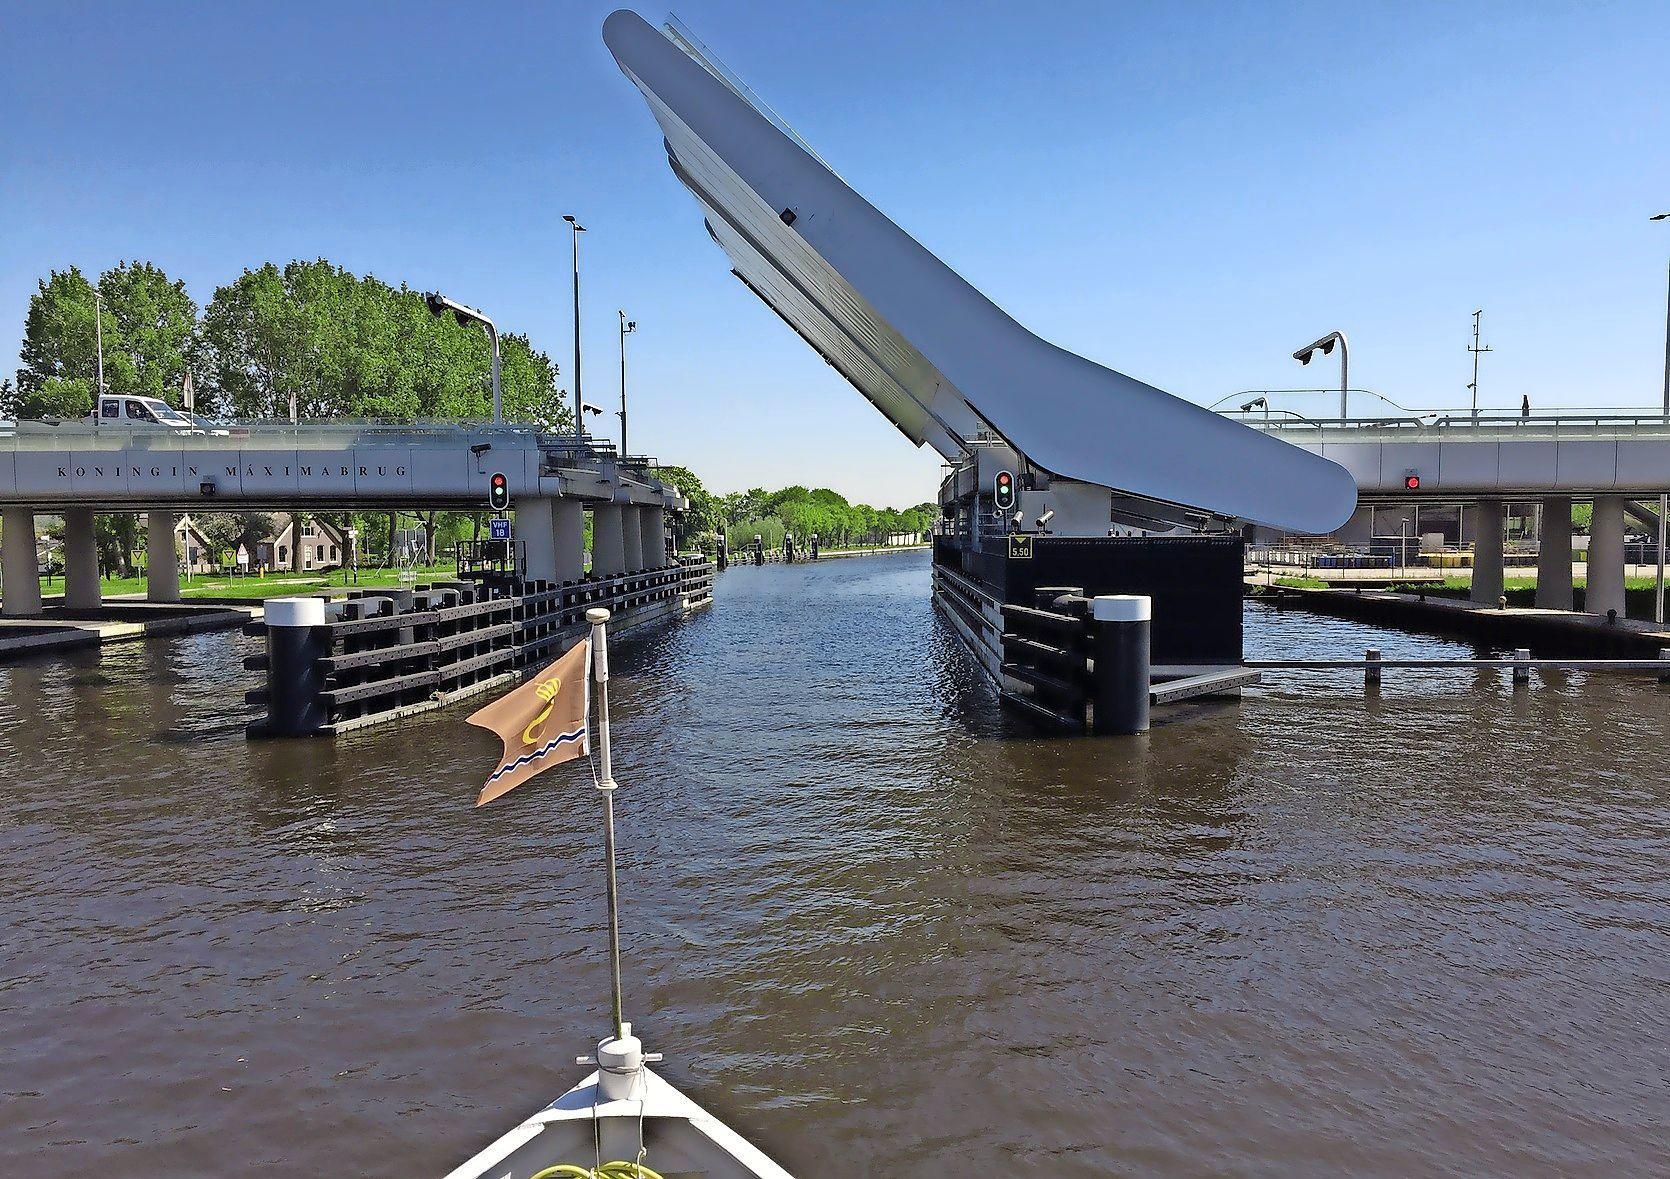 Onderzoek naar mogelijke bodemverontreiniging rondom Máximabrug Alphen aan den Rijn